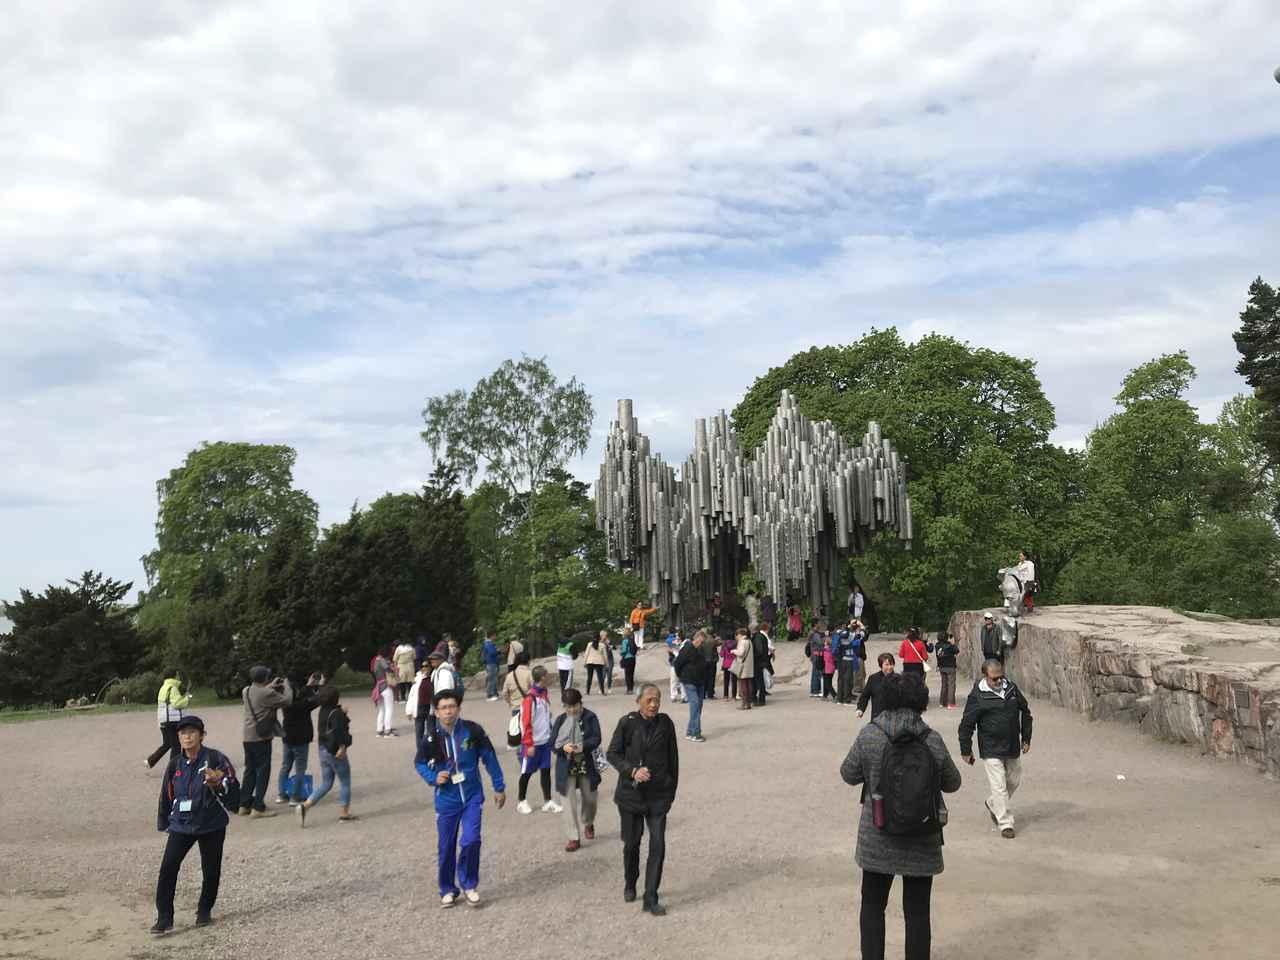 画像1: 【地球を走ろう!】5月開催 種目も増え参加しやすくなった  ヘルシンキシティマラソン ツアーレポート